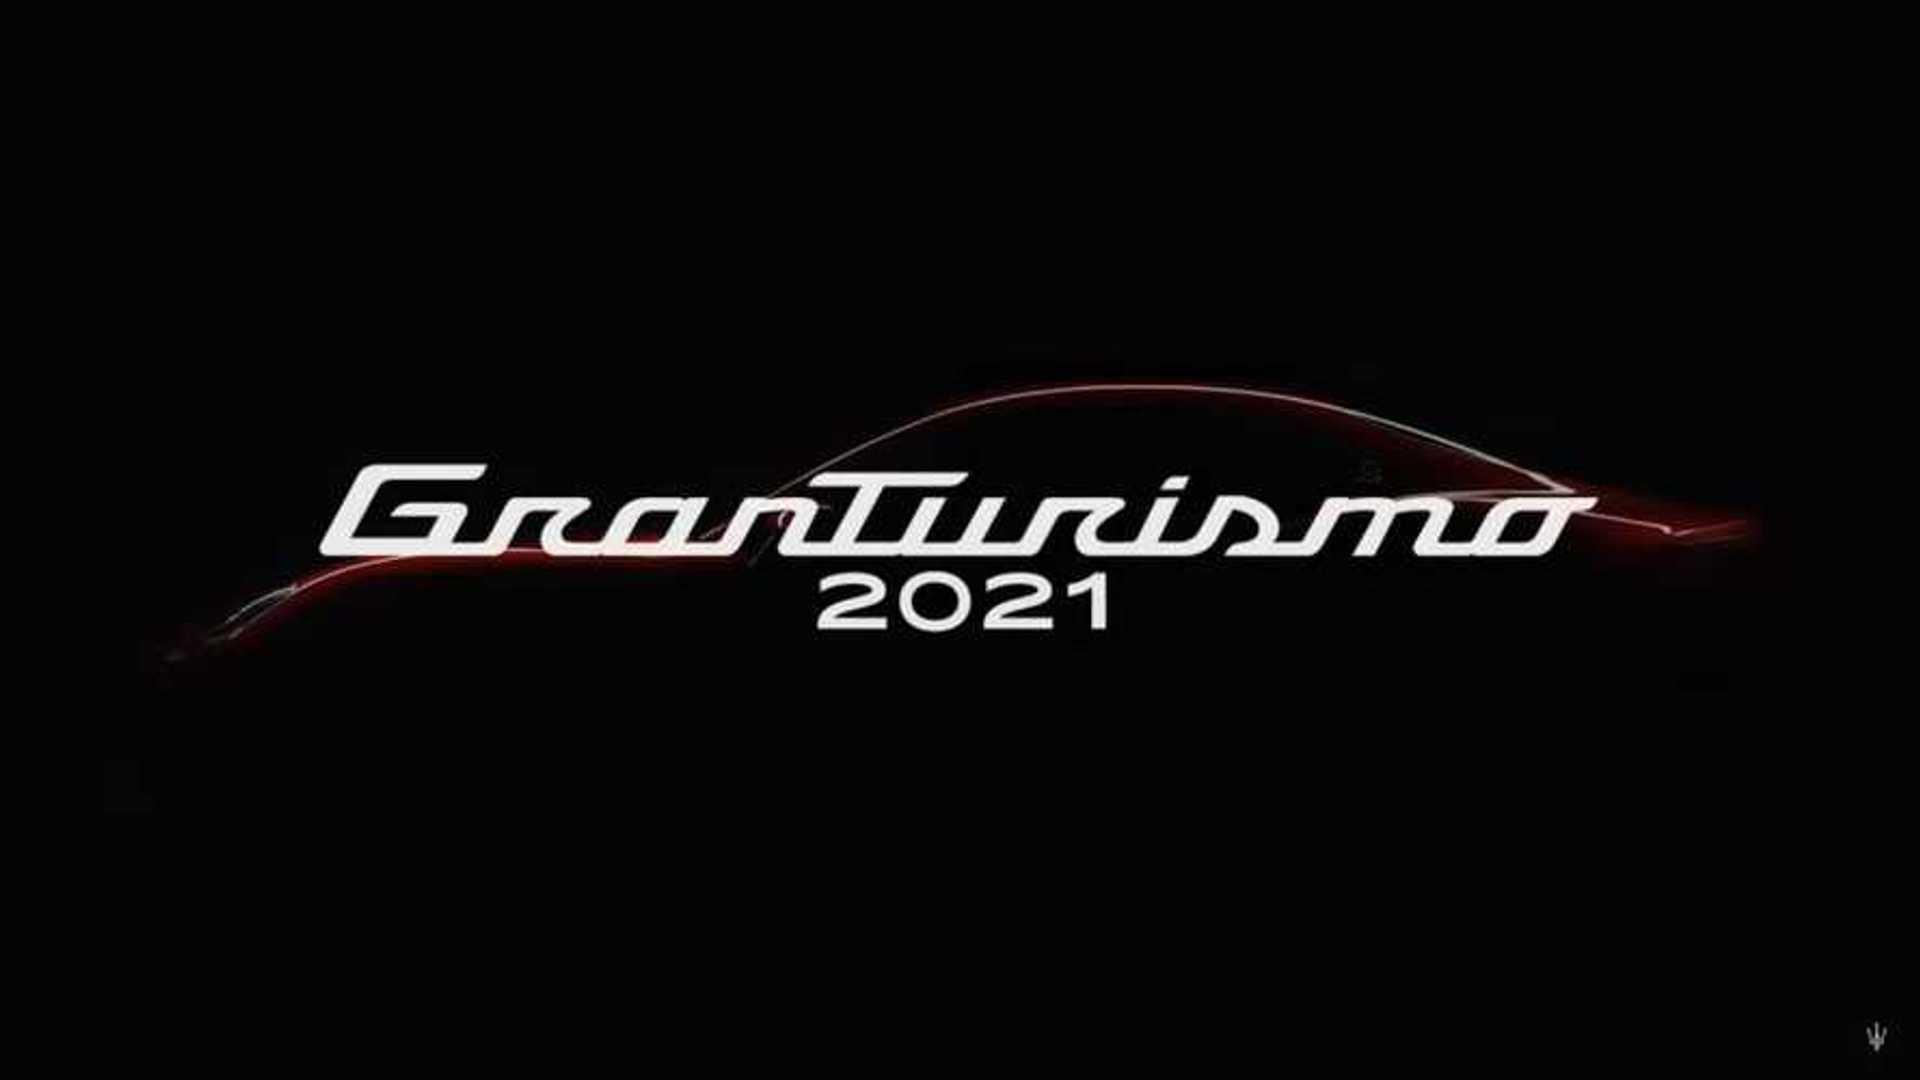 2021 Maserati Granturismo History